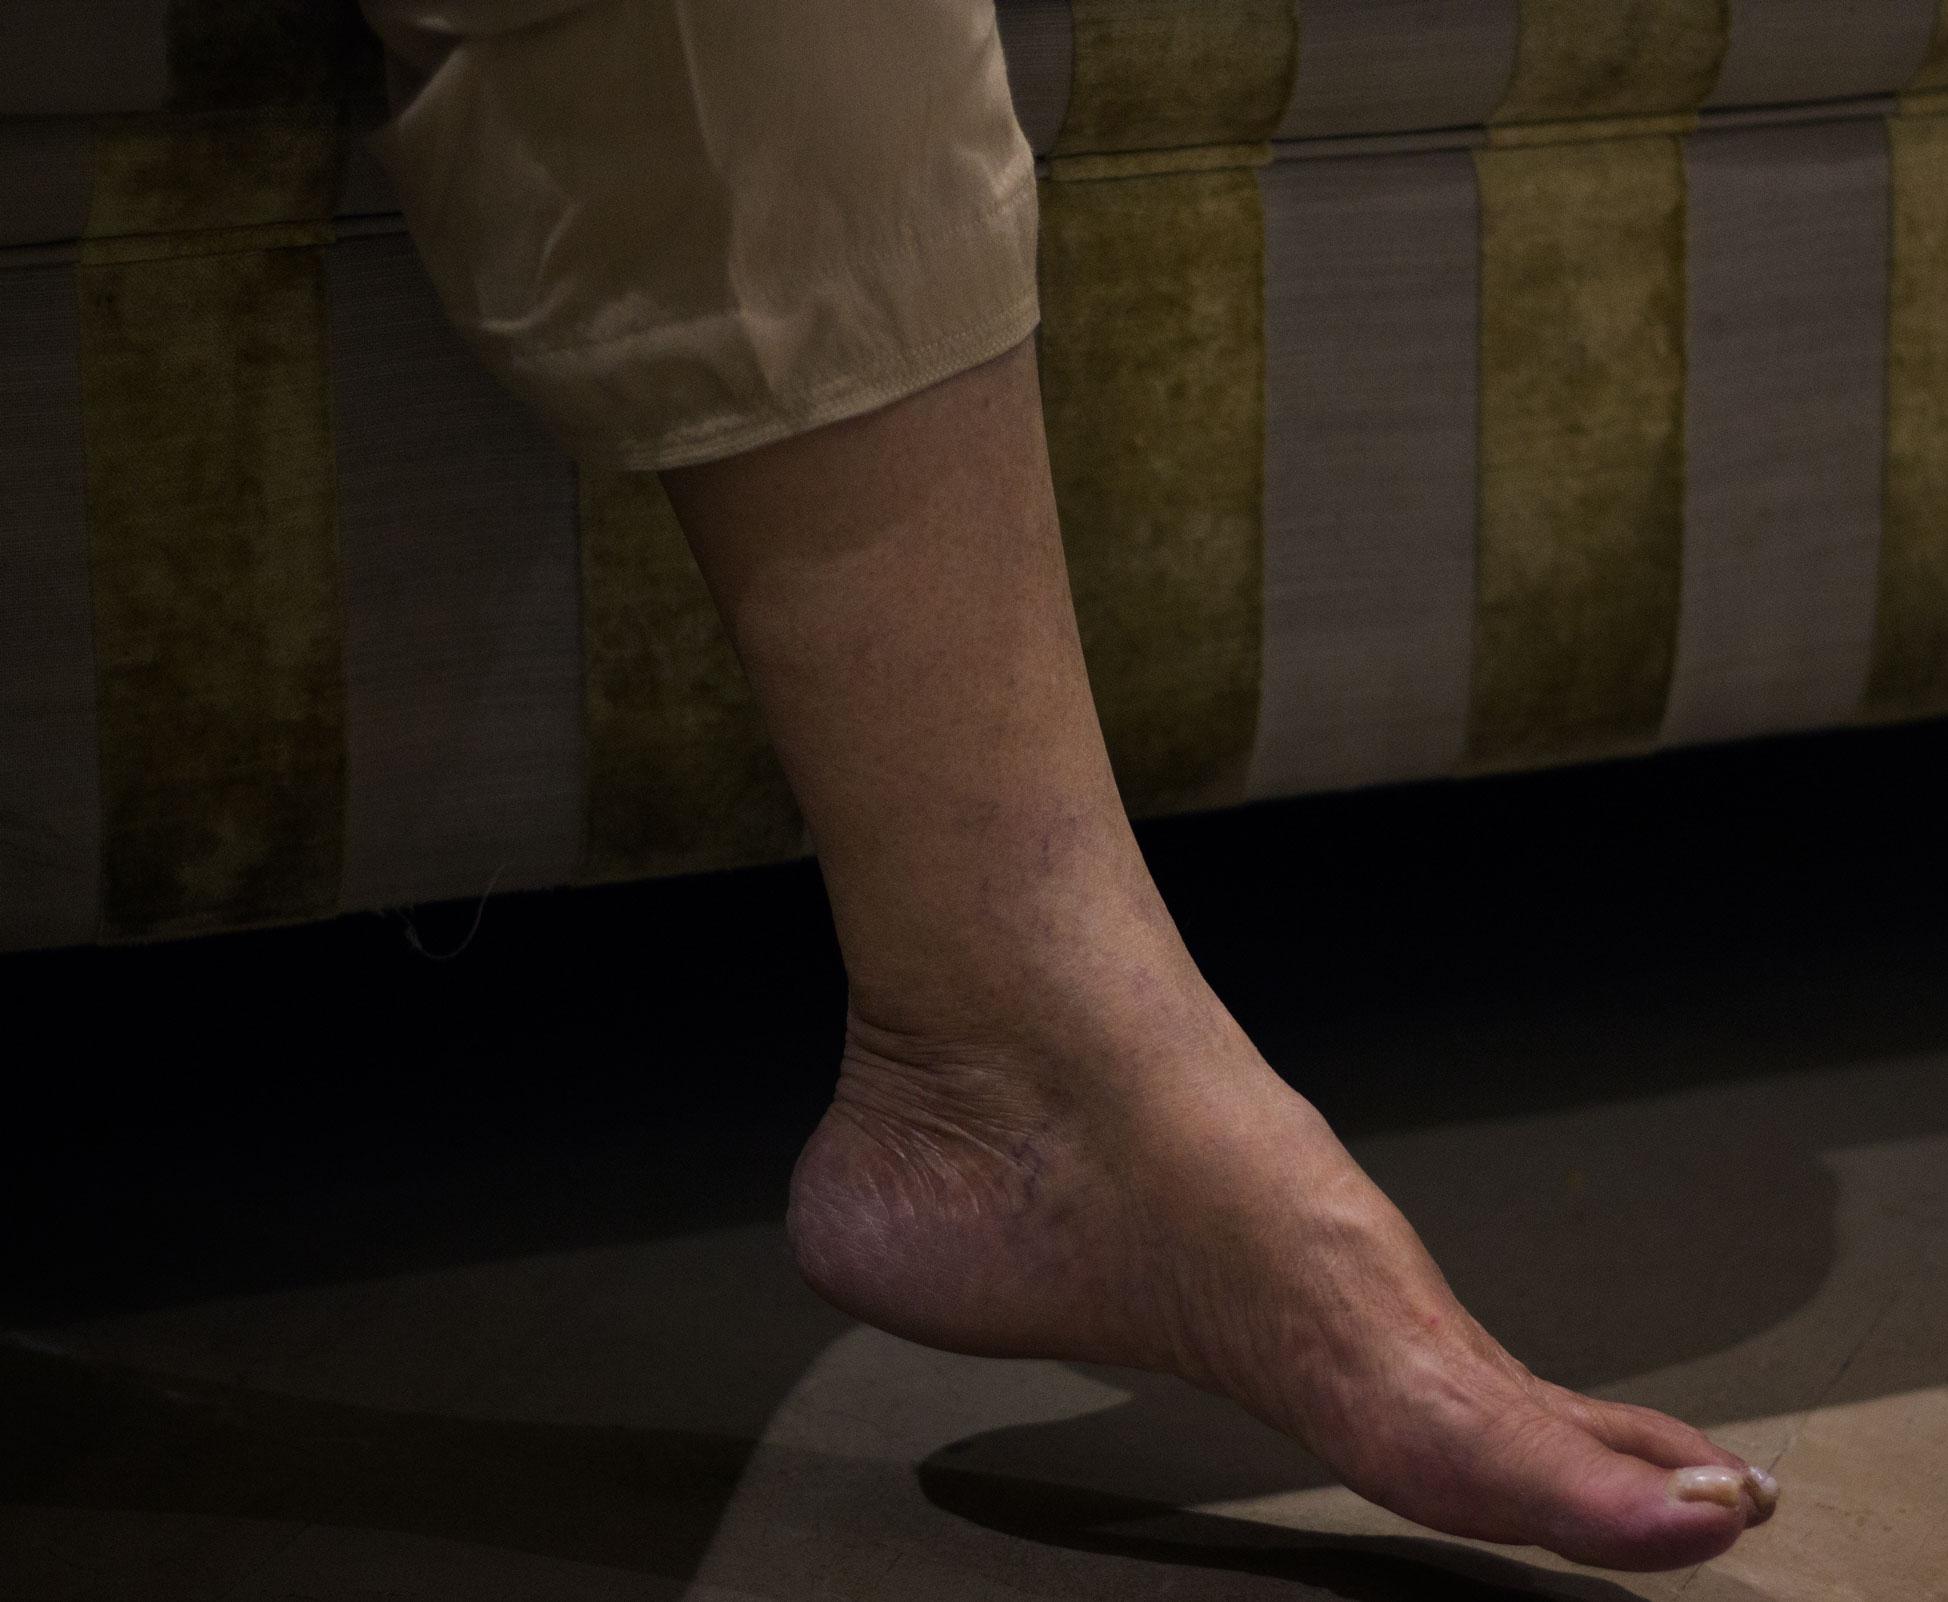 Hanging foot & her